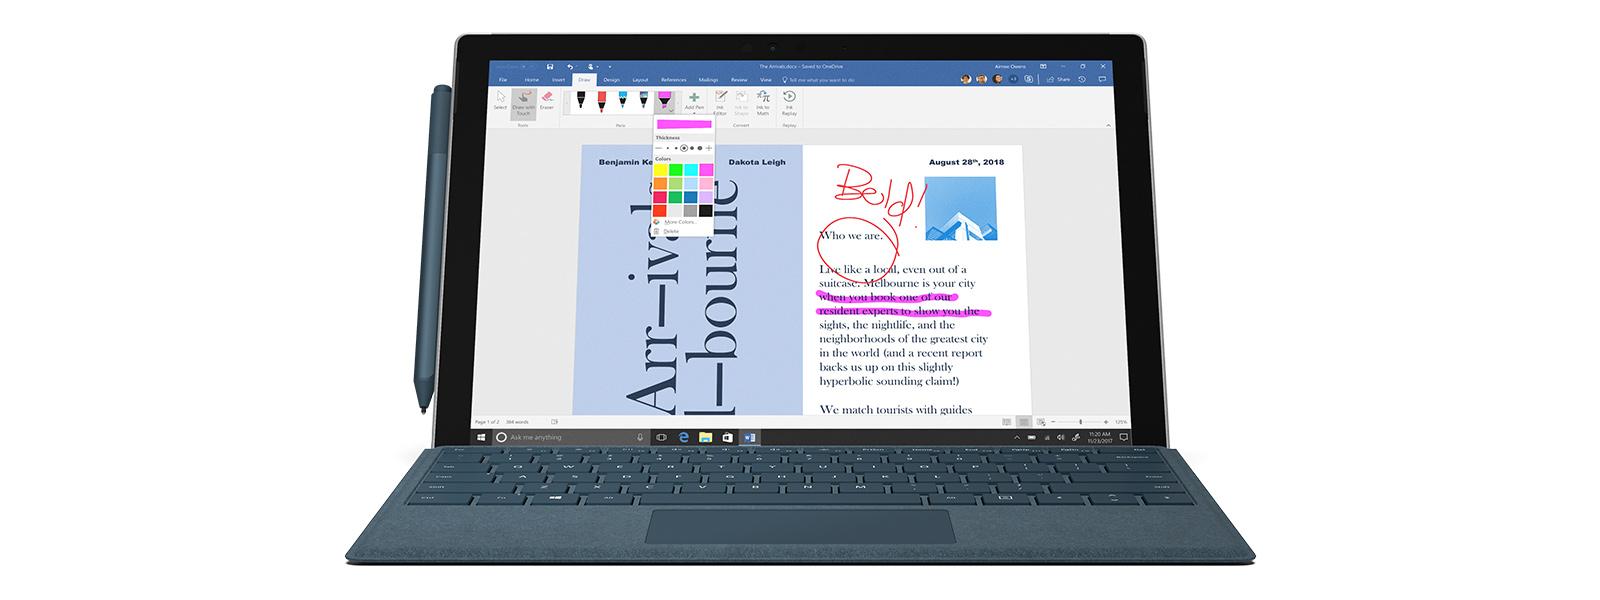 Thiết bị Surface Pro đang trình diễn thao tác vẽ trên màn hình của ứng dụng Vẽ 3D